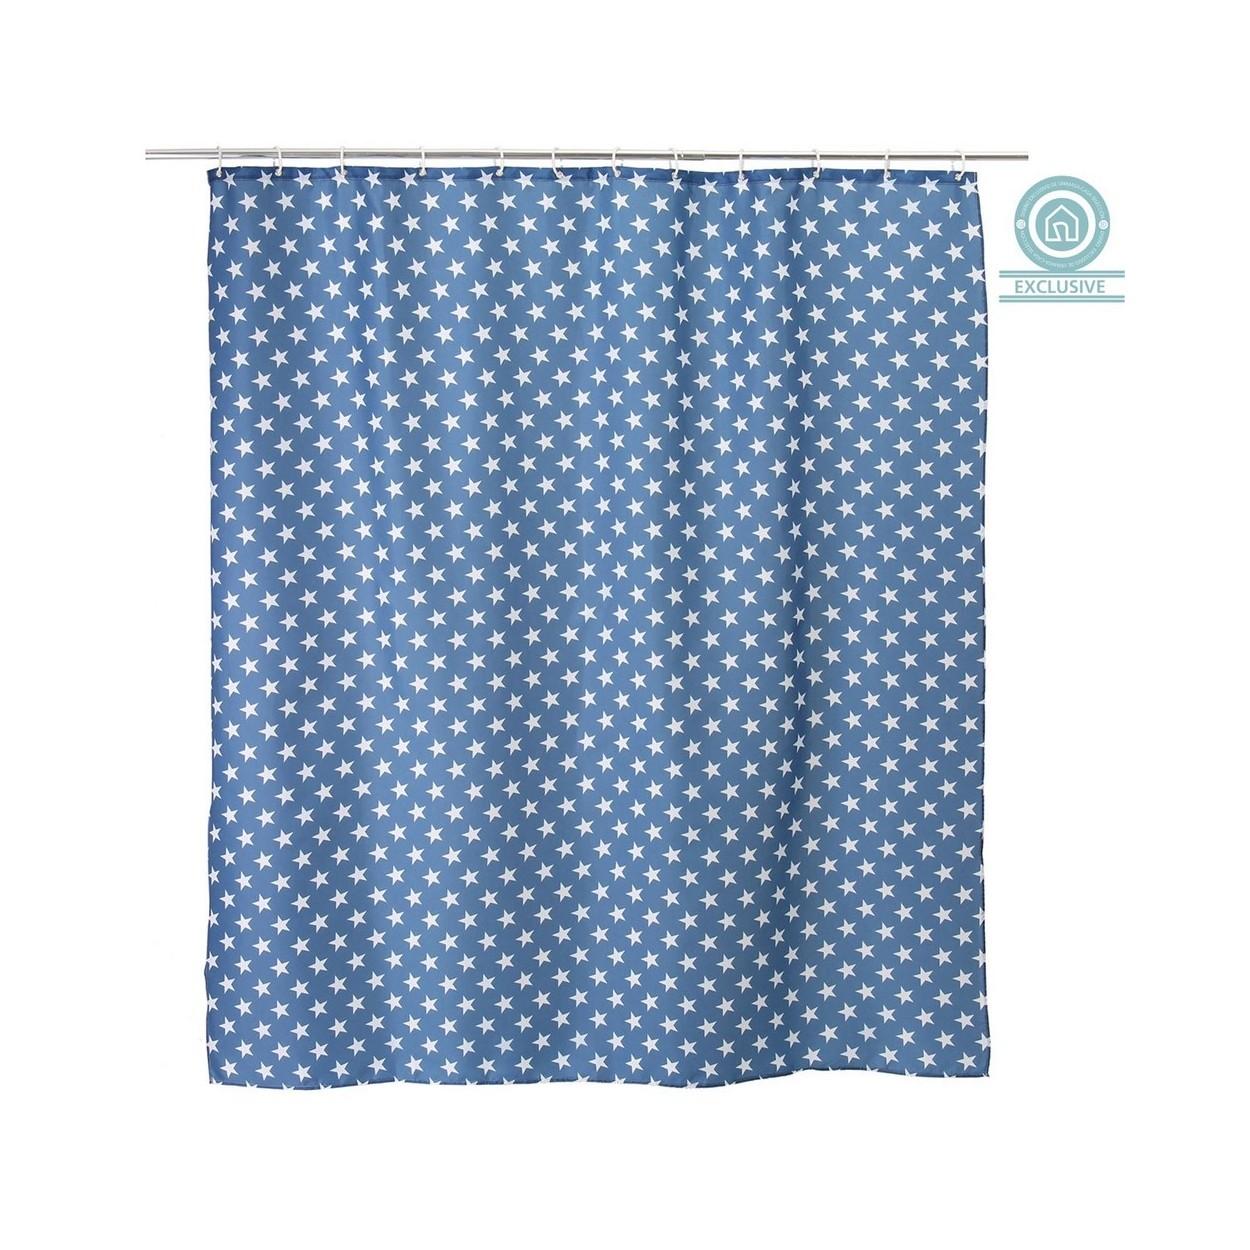 Cortina de ba o estrellas color azul 180x200 cm hogar for Argollas cortina de bano